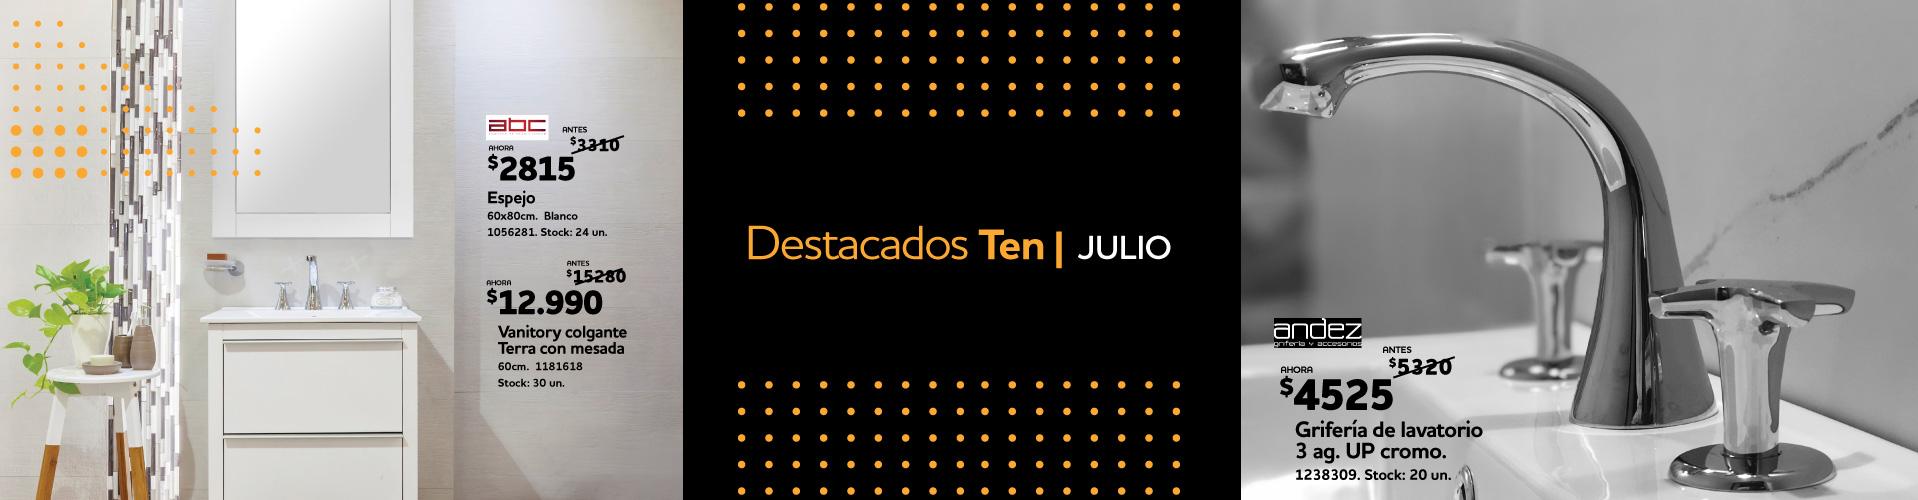 DESTACADOS JULIO